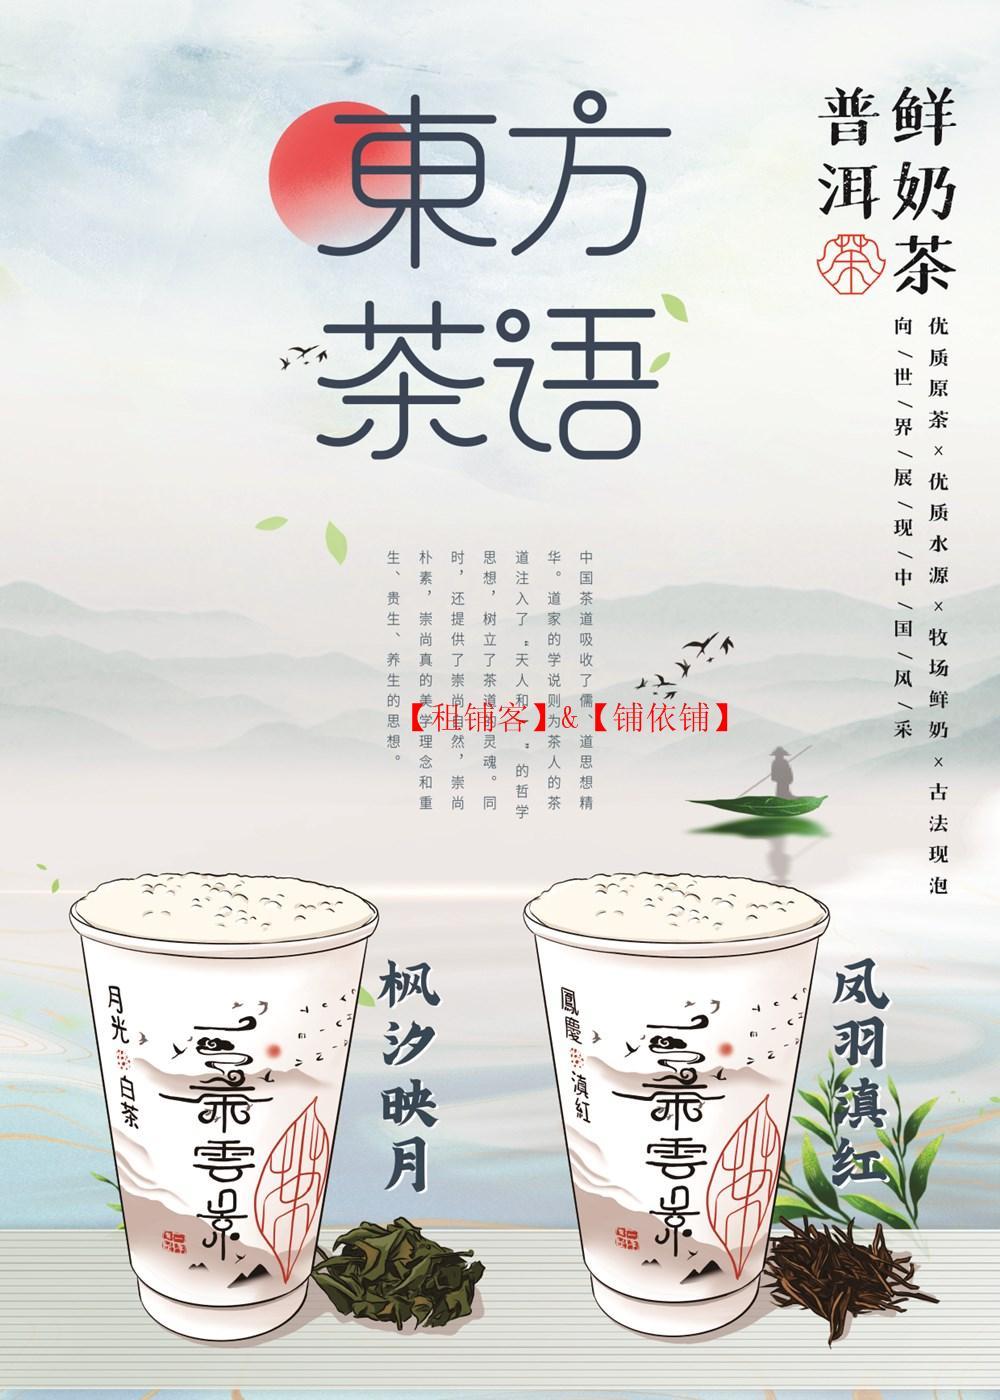 一茶雲景品牌奶茶寻加盟商